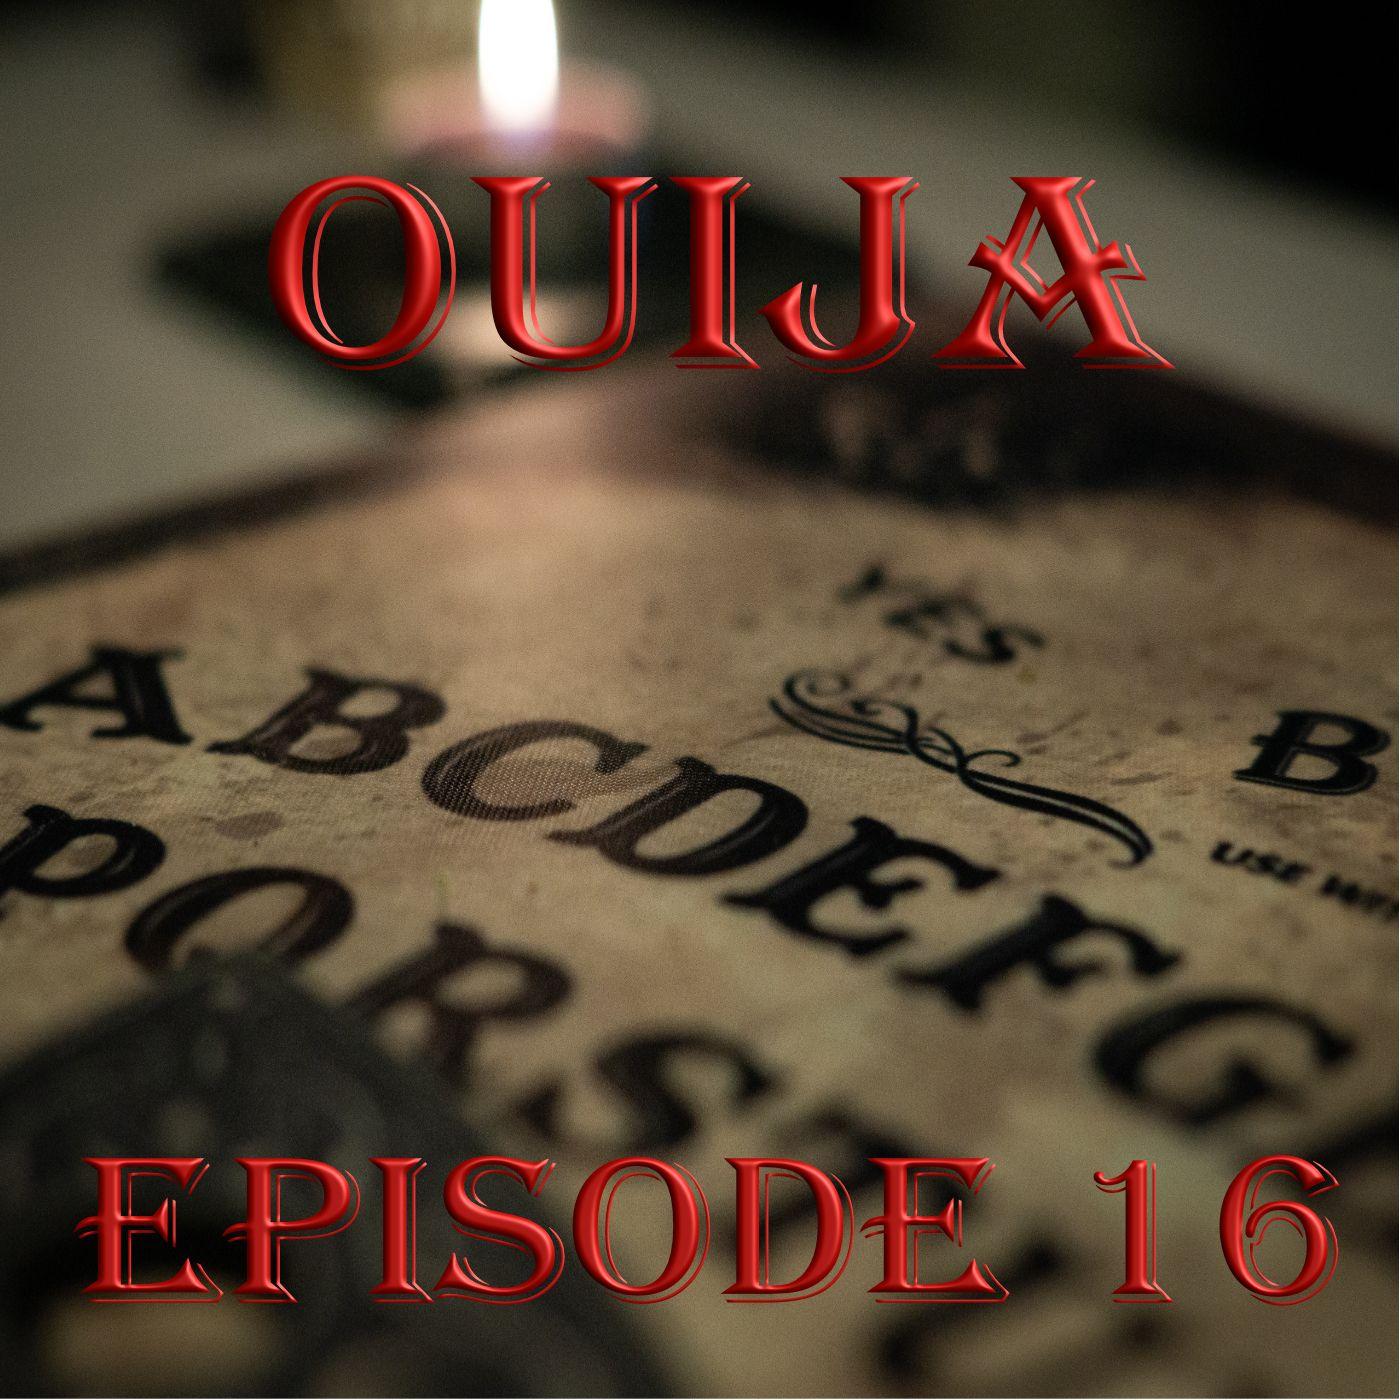 Fra den andre siden. Episode 16. Ouija